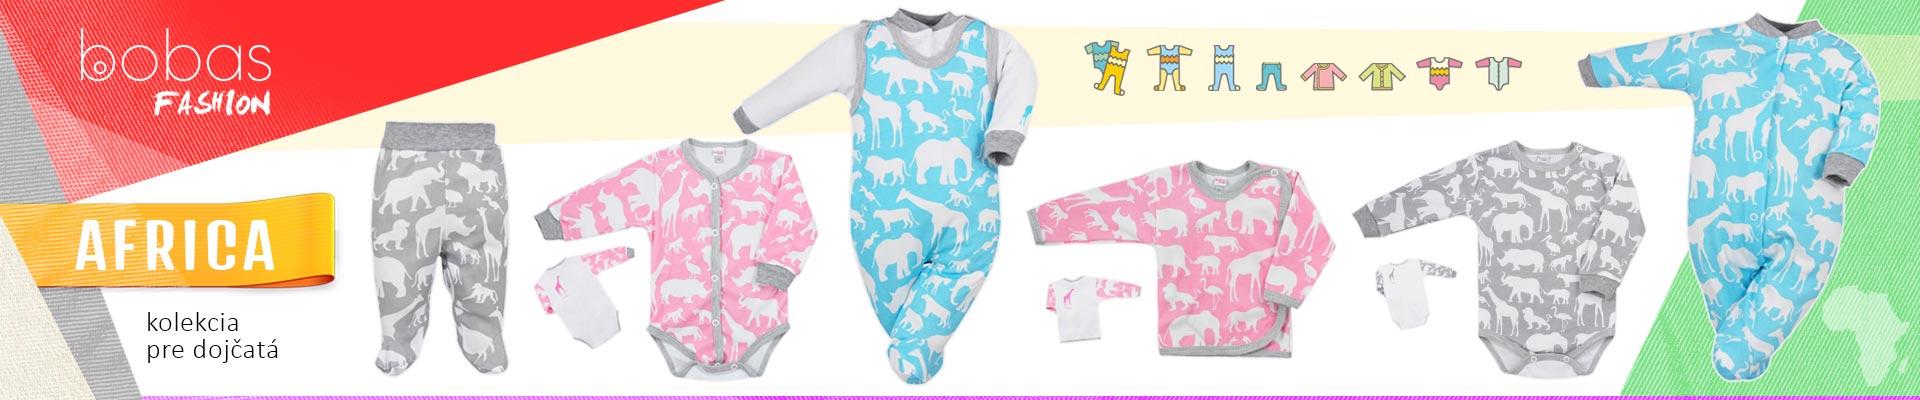 Rodičmi je toto oblečenie veľmi obľúbené pre svoj kvalitný a mäkký  materiál 48241e38d63